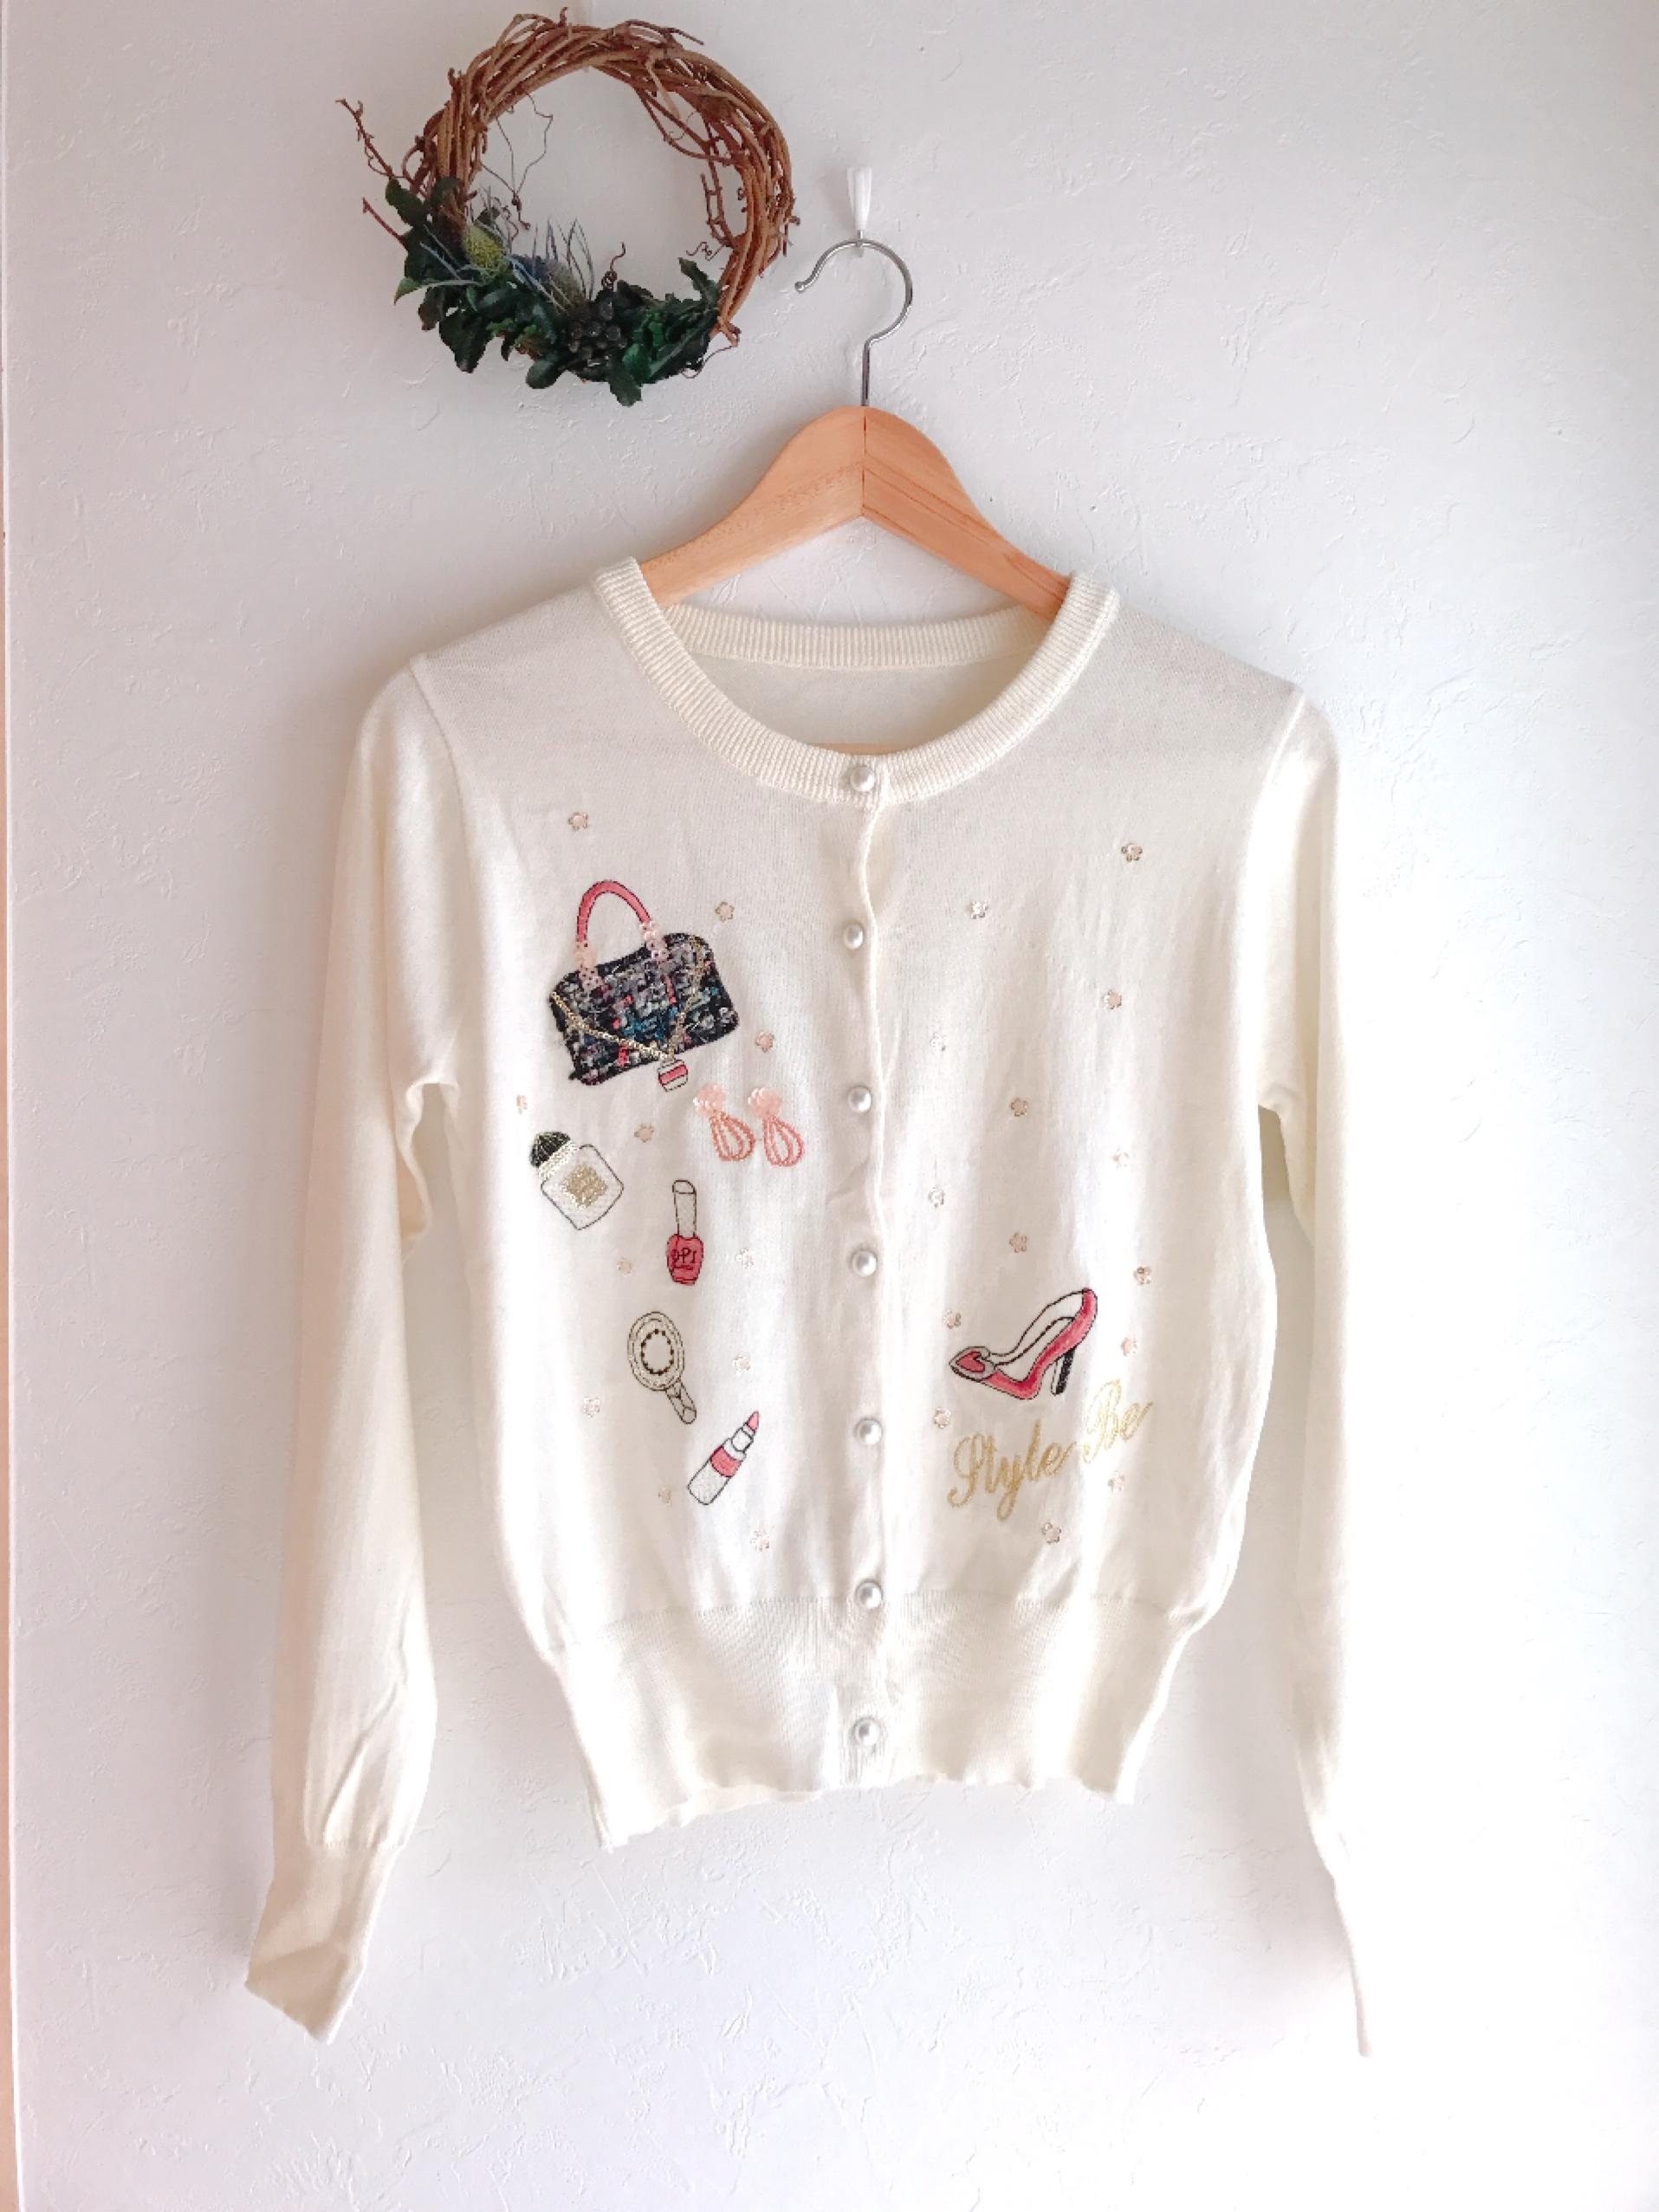 再入荷★ツイードバッグリップパンプスの刺繍カーディガン オフホワイト